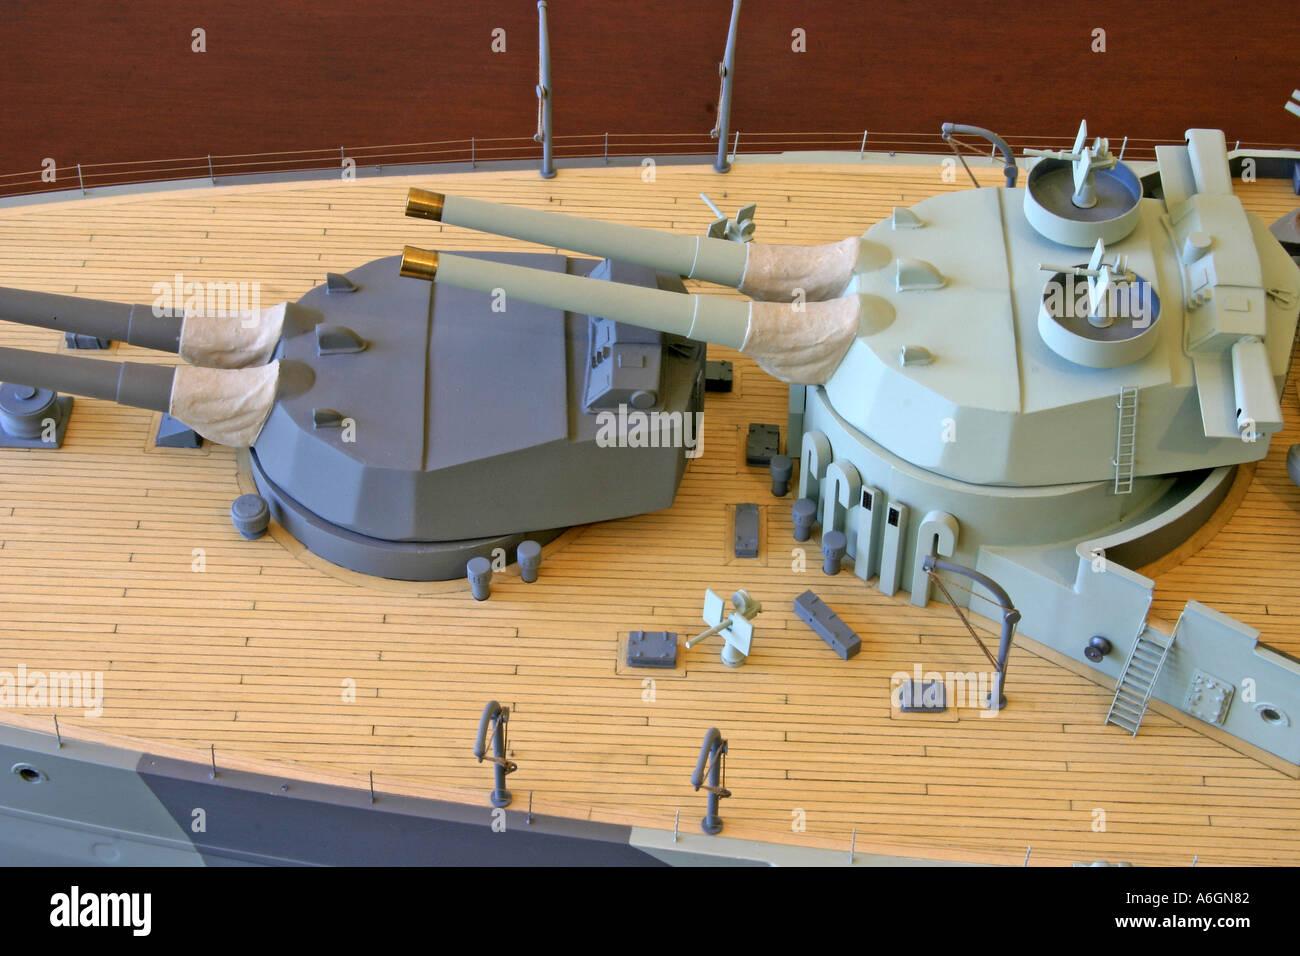 Entfernungsmesser Schlachtschiff : Schlachtschiff hms queen elizabeth dargestellt im jahr